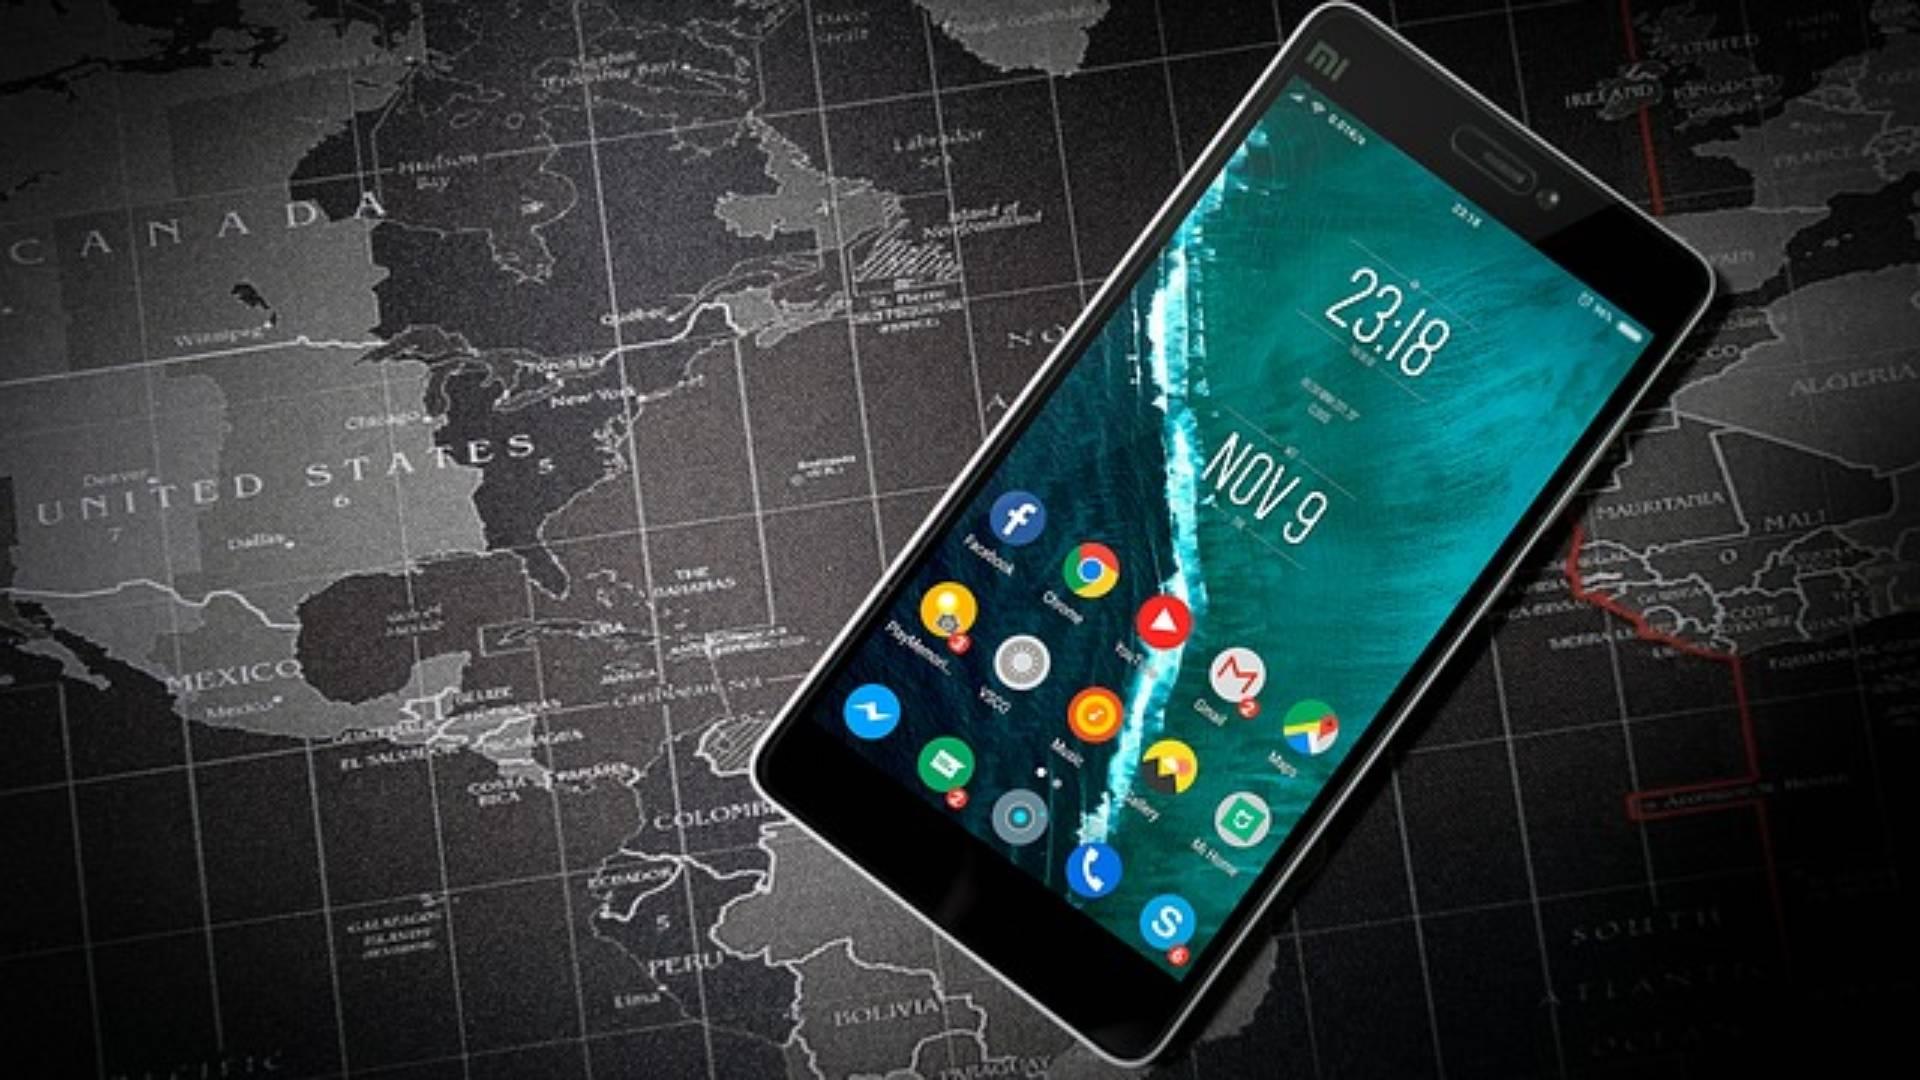 Android 12 soll persönlichen Daten besser schützen